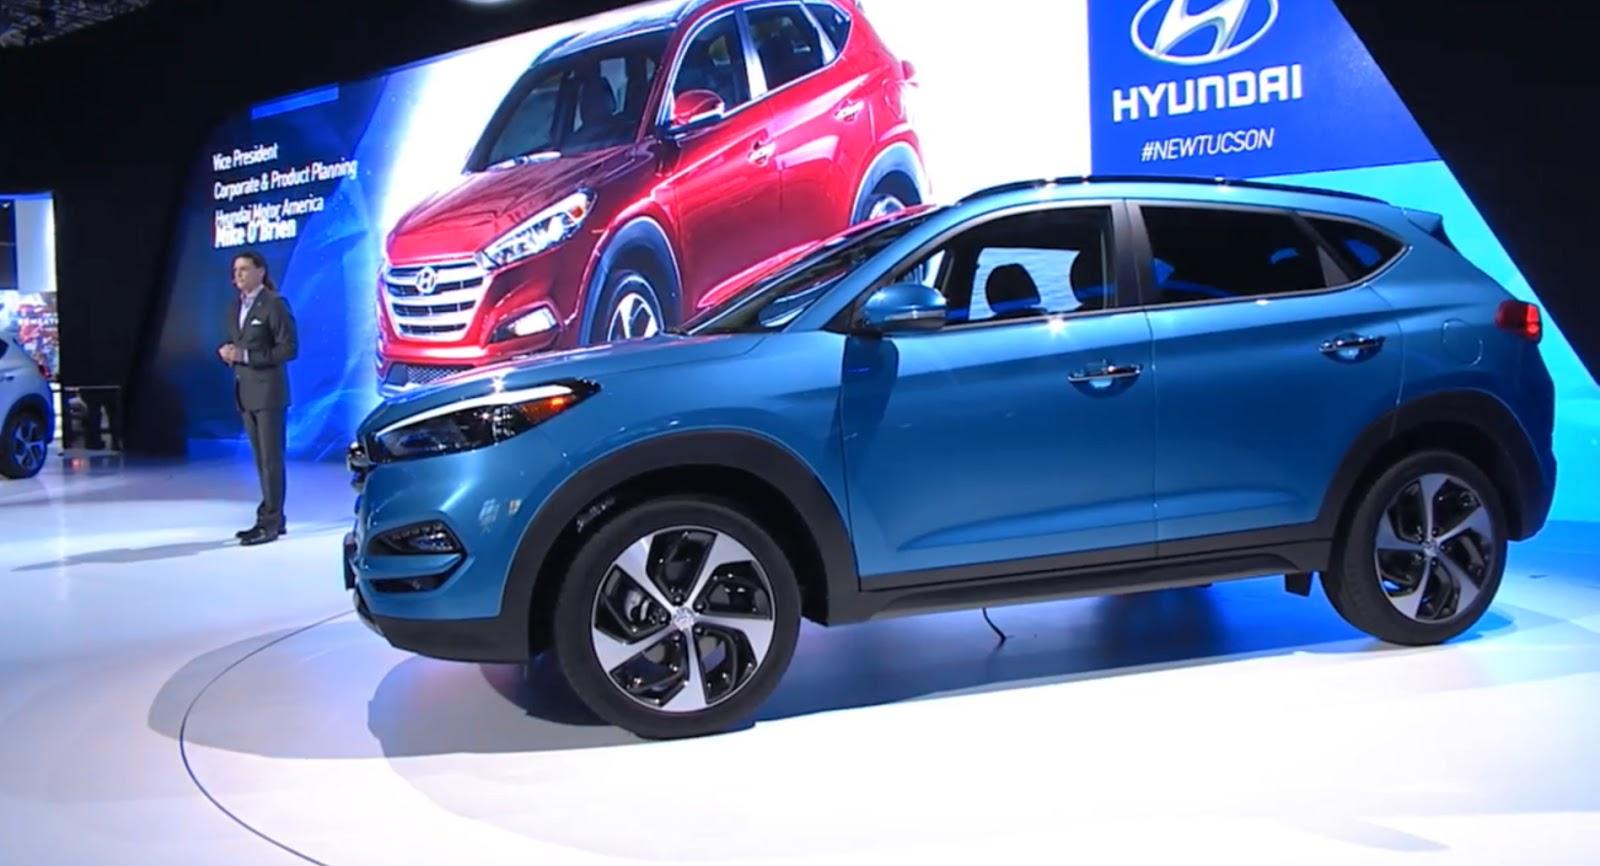 Hyundai Tucson 2016 và Mazda CX-5 2016 cuộc chiến mới